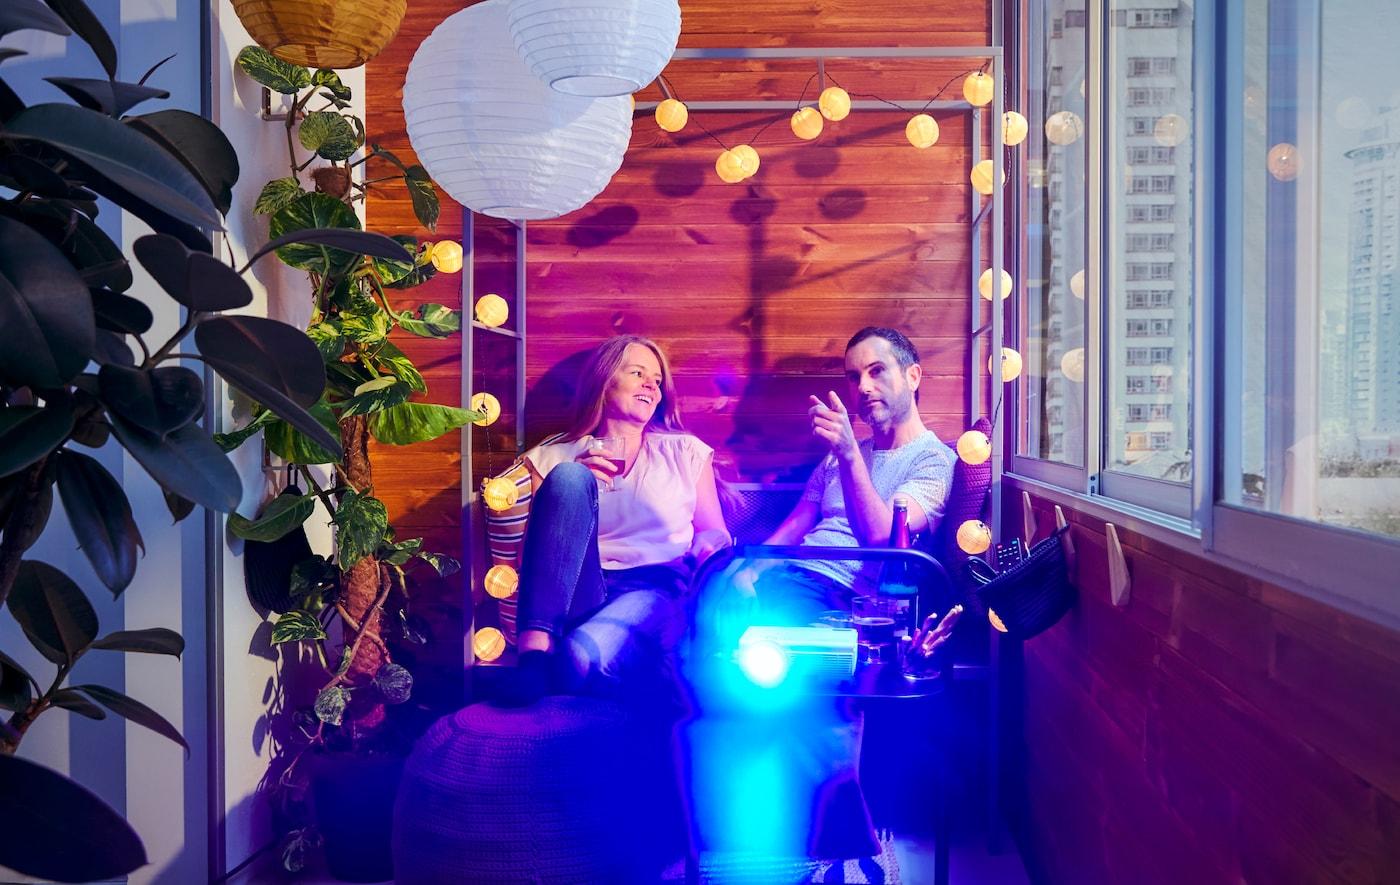 Férfi és nő ülnek egy erkélyen, SVANÖ kerti pavilon alatt, projektorral egy kis asztalon.